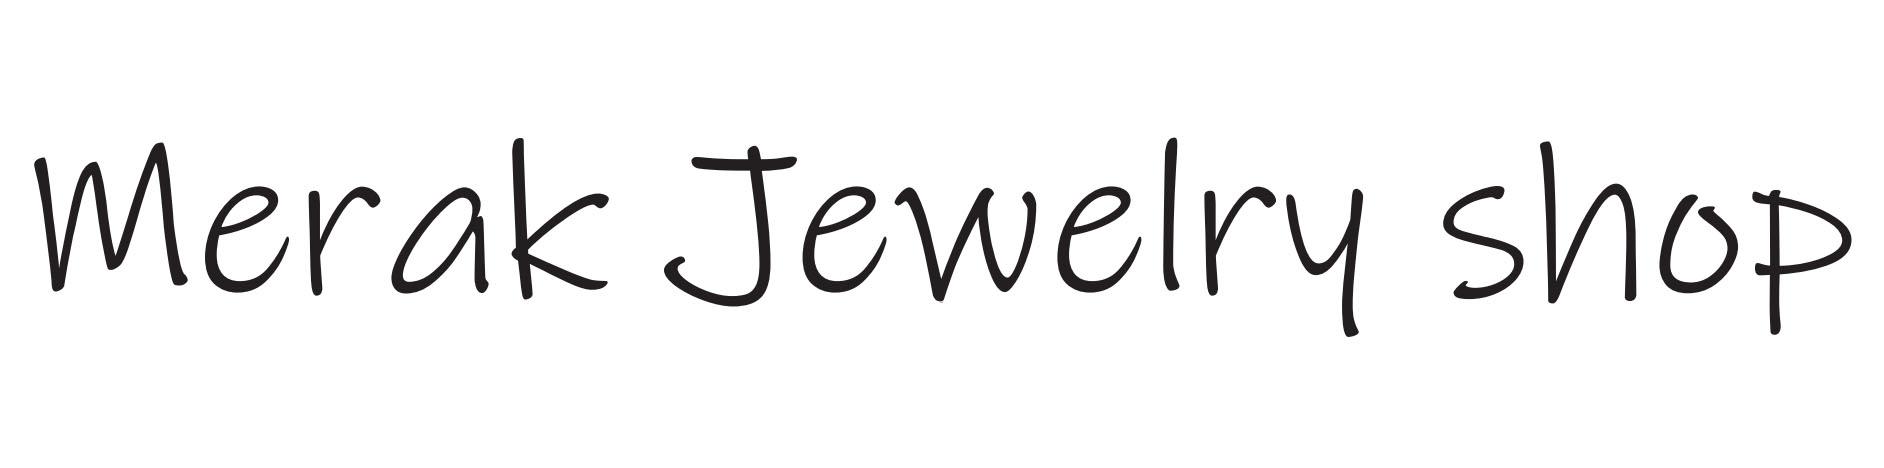 オリジナルジュエリーショップ | Merak jewelry shop | 福井県福井市